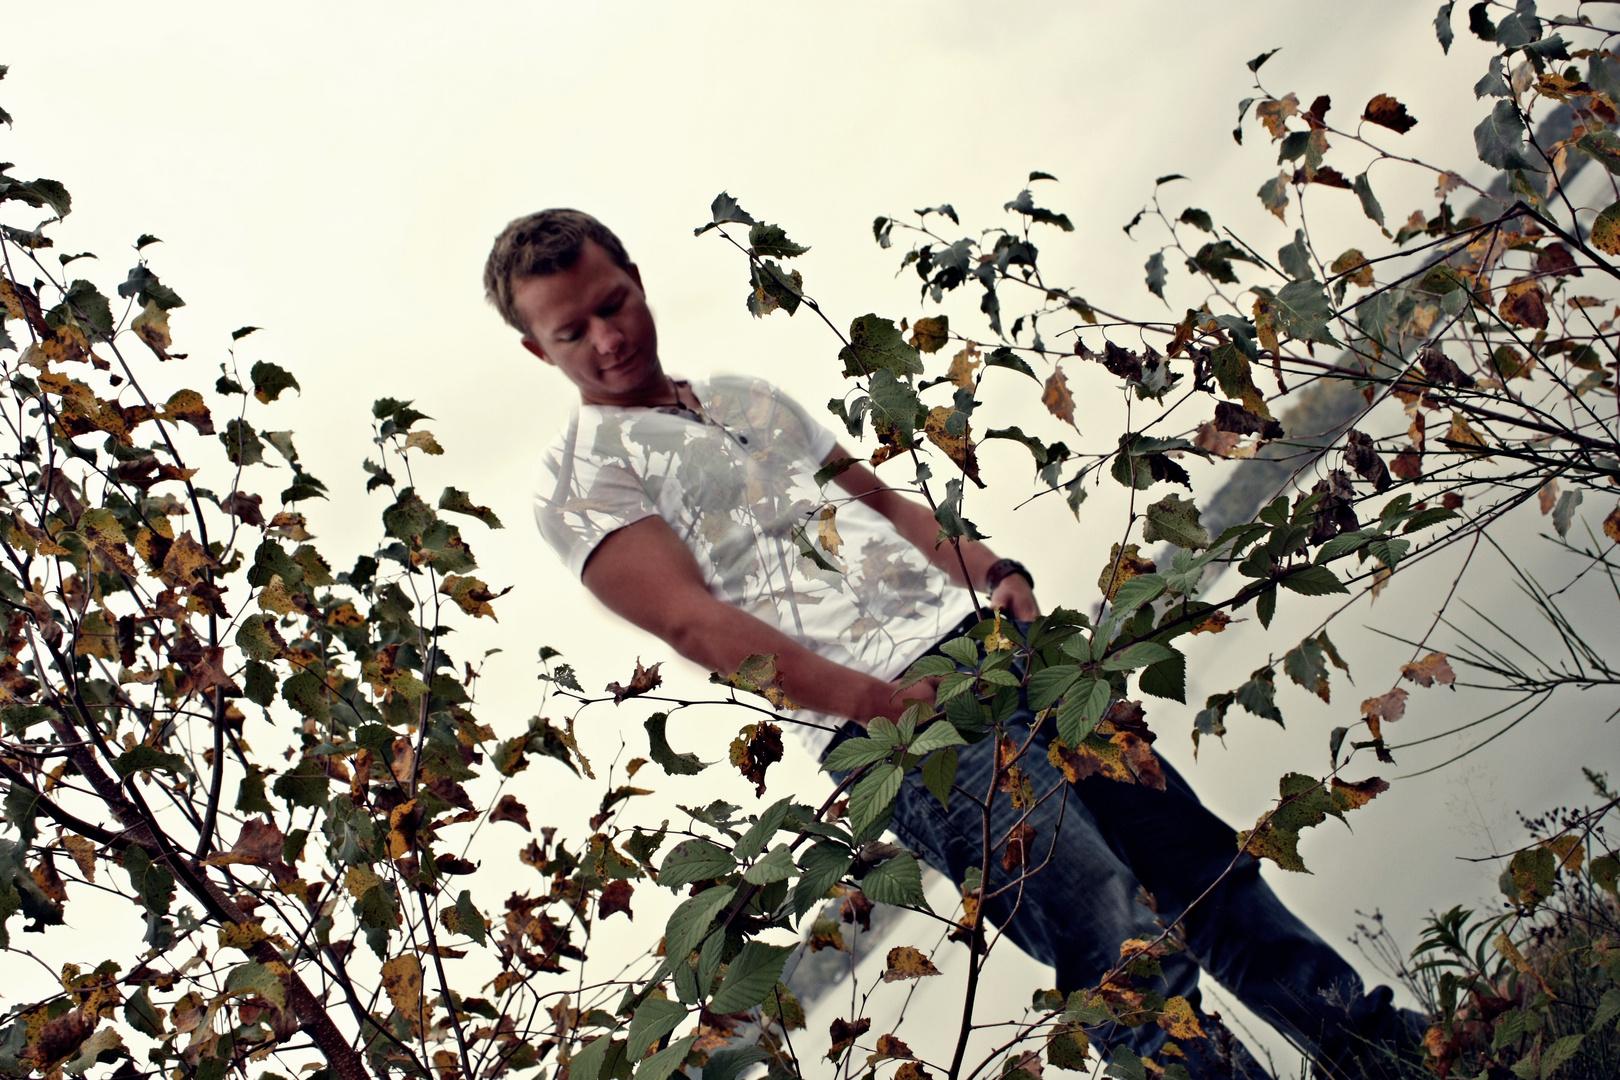 Der Herbst hat auch schöne Seiten ;-)